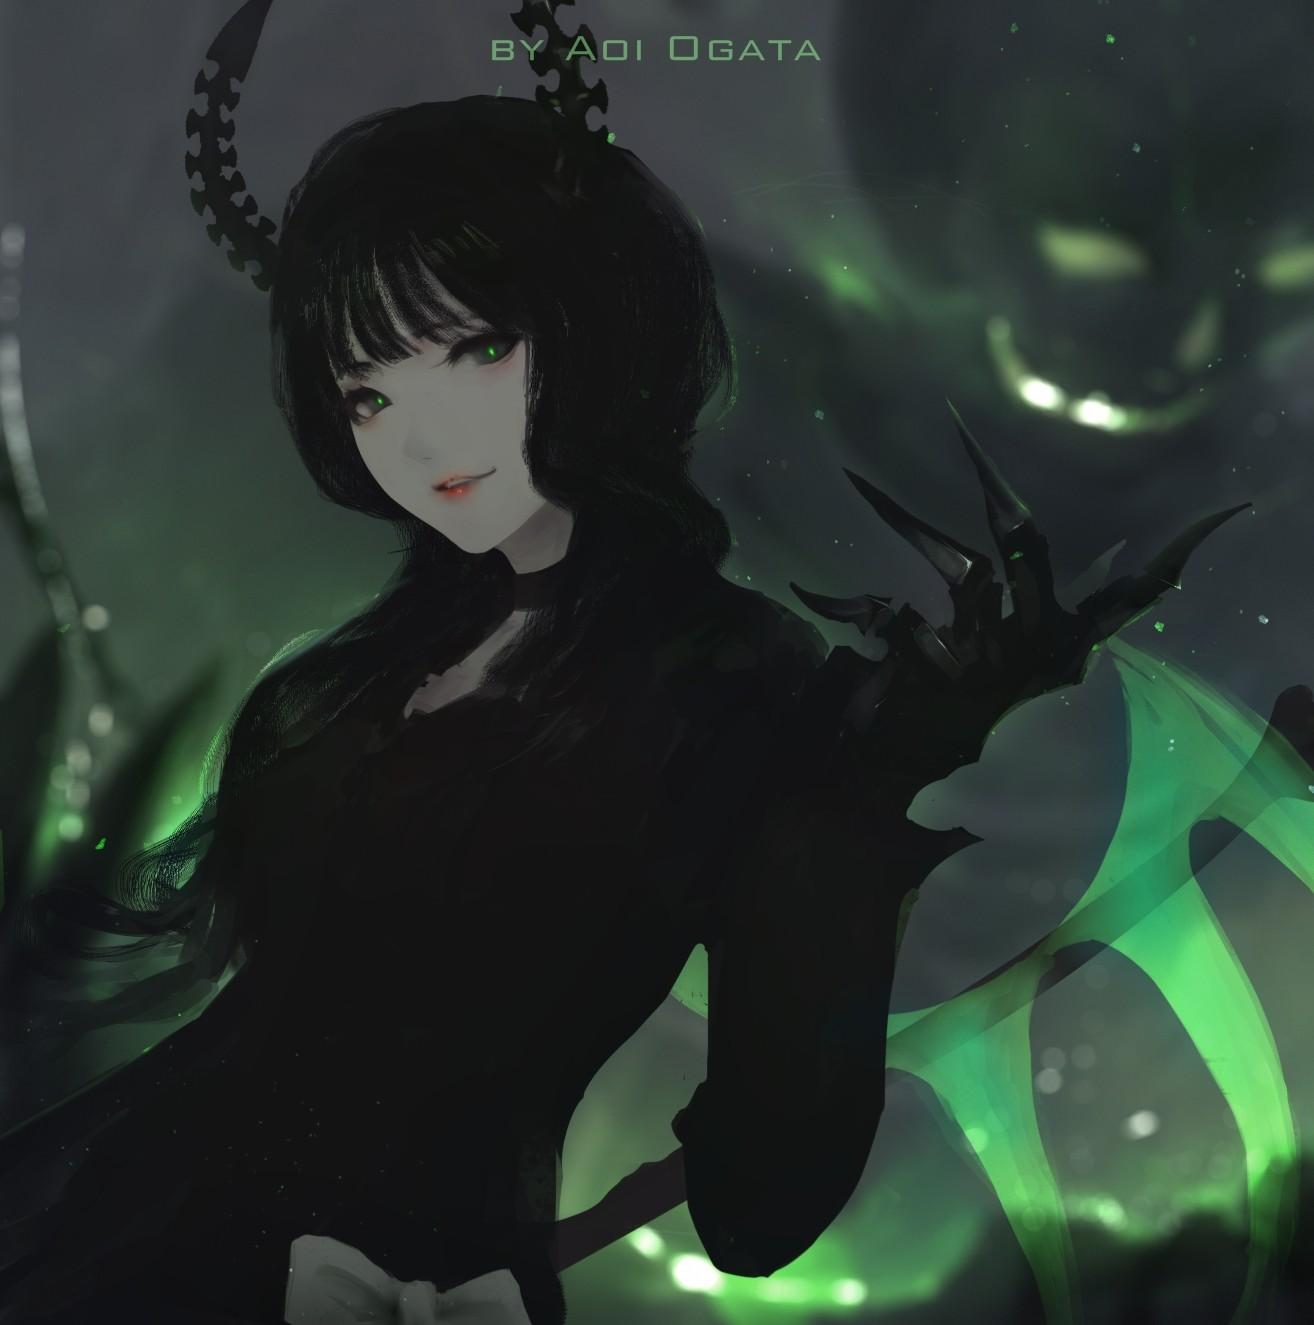 Aoi ogata deathz2